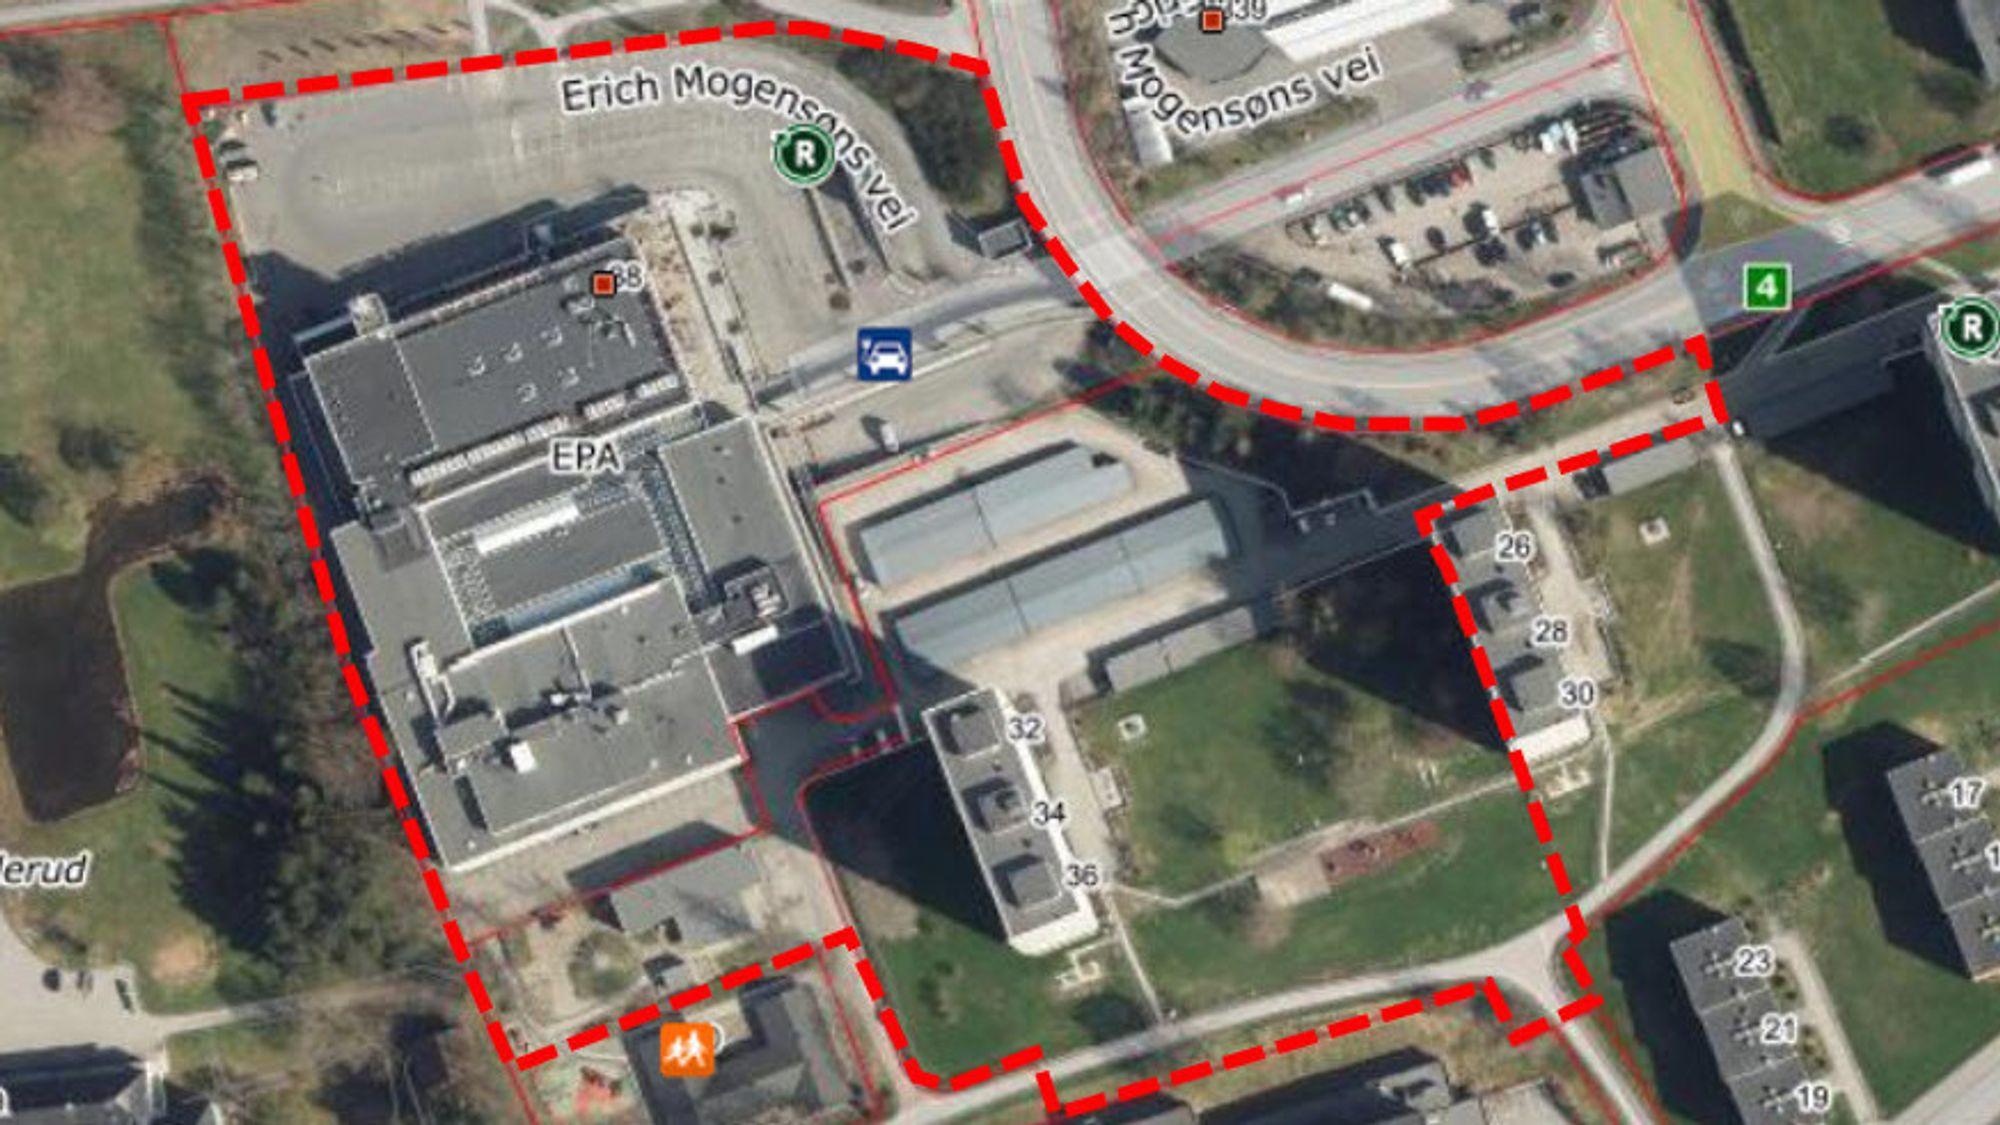 Innenfor det stiplede området ligger dagens Linderudsenter og den tilhørende parkeringsplassen, men også  parkeringsgarasjene og en av blokkene i borettslaget Linderud borettslag II.